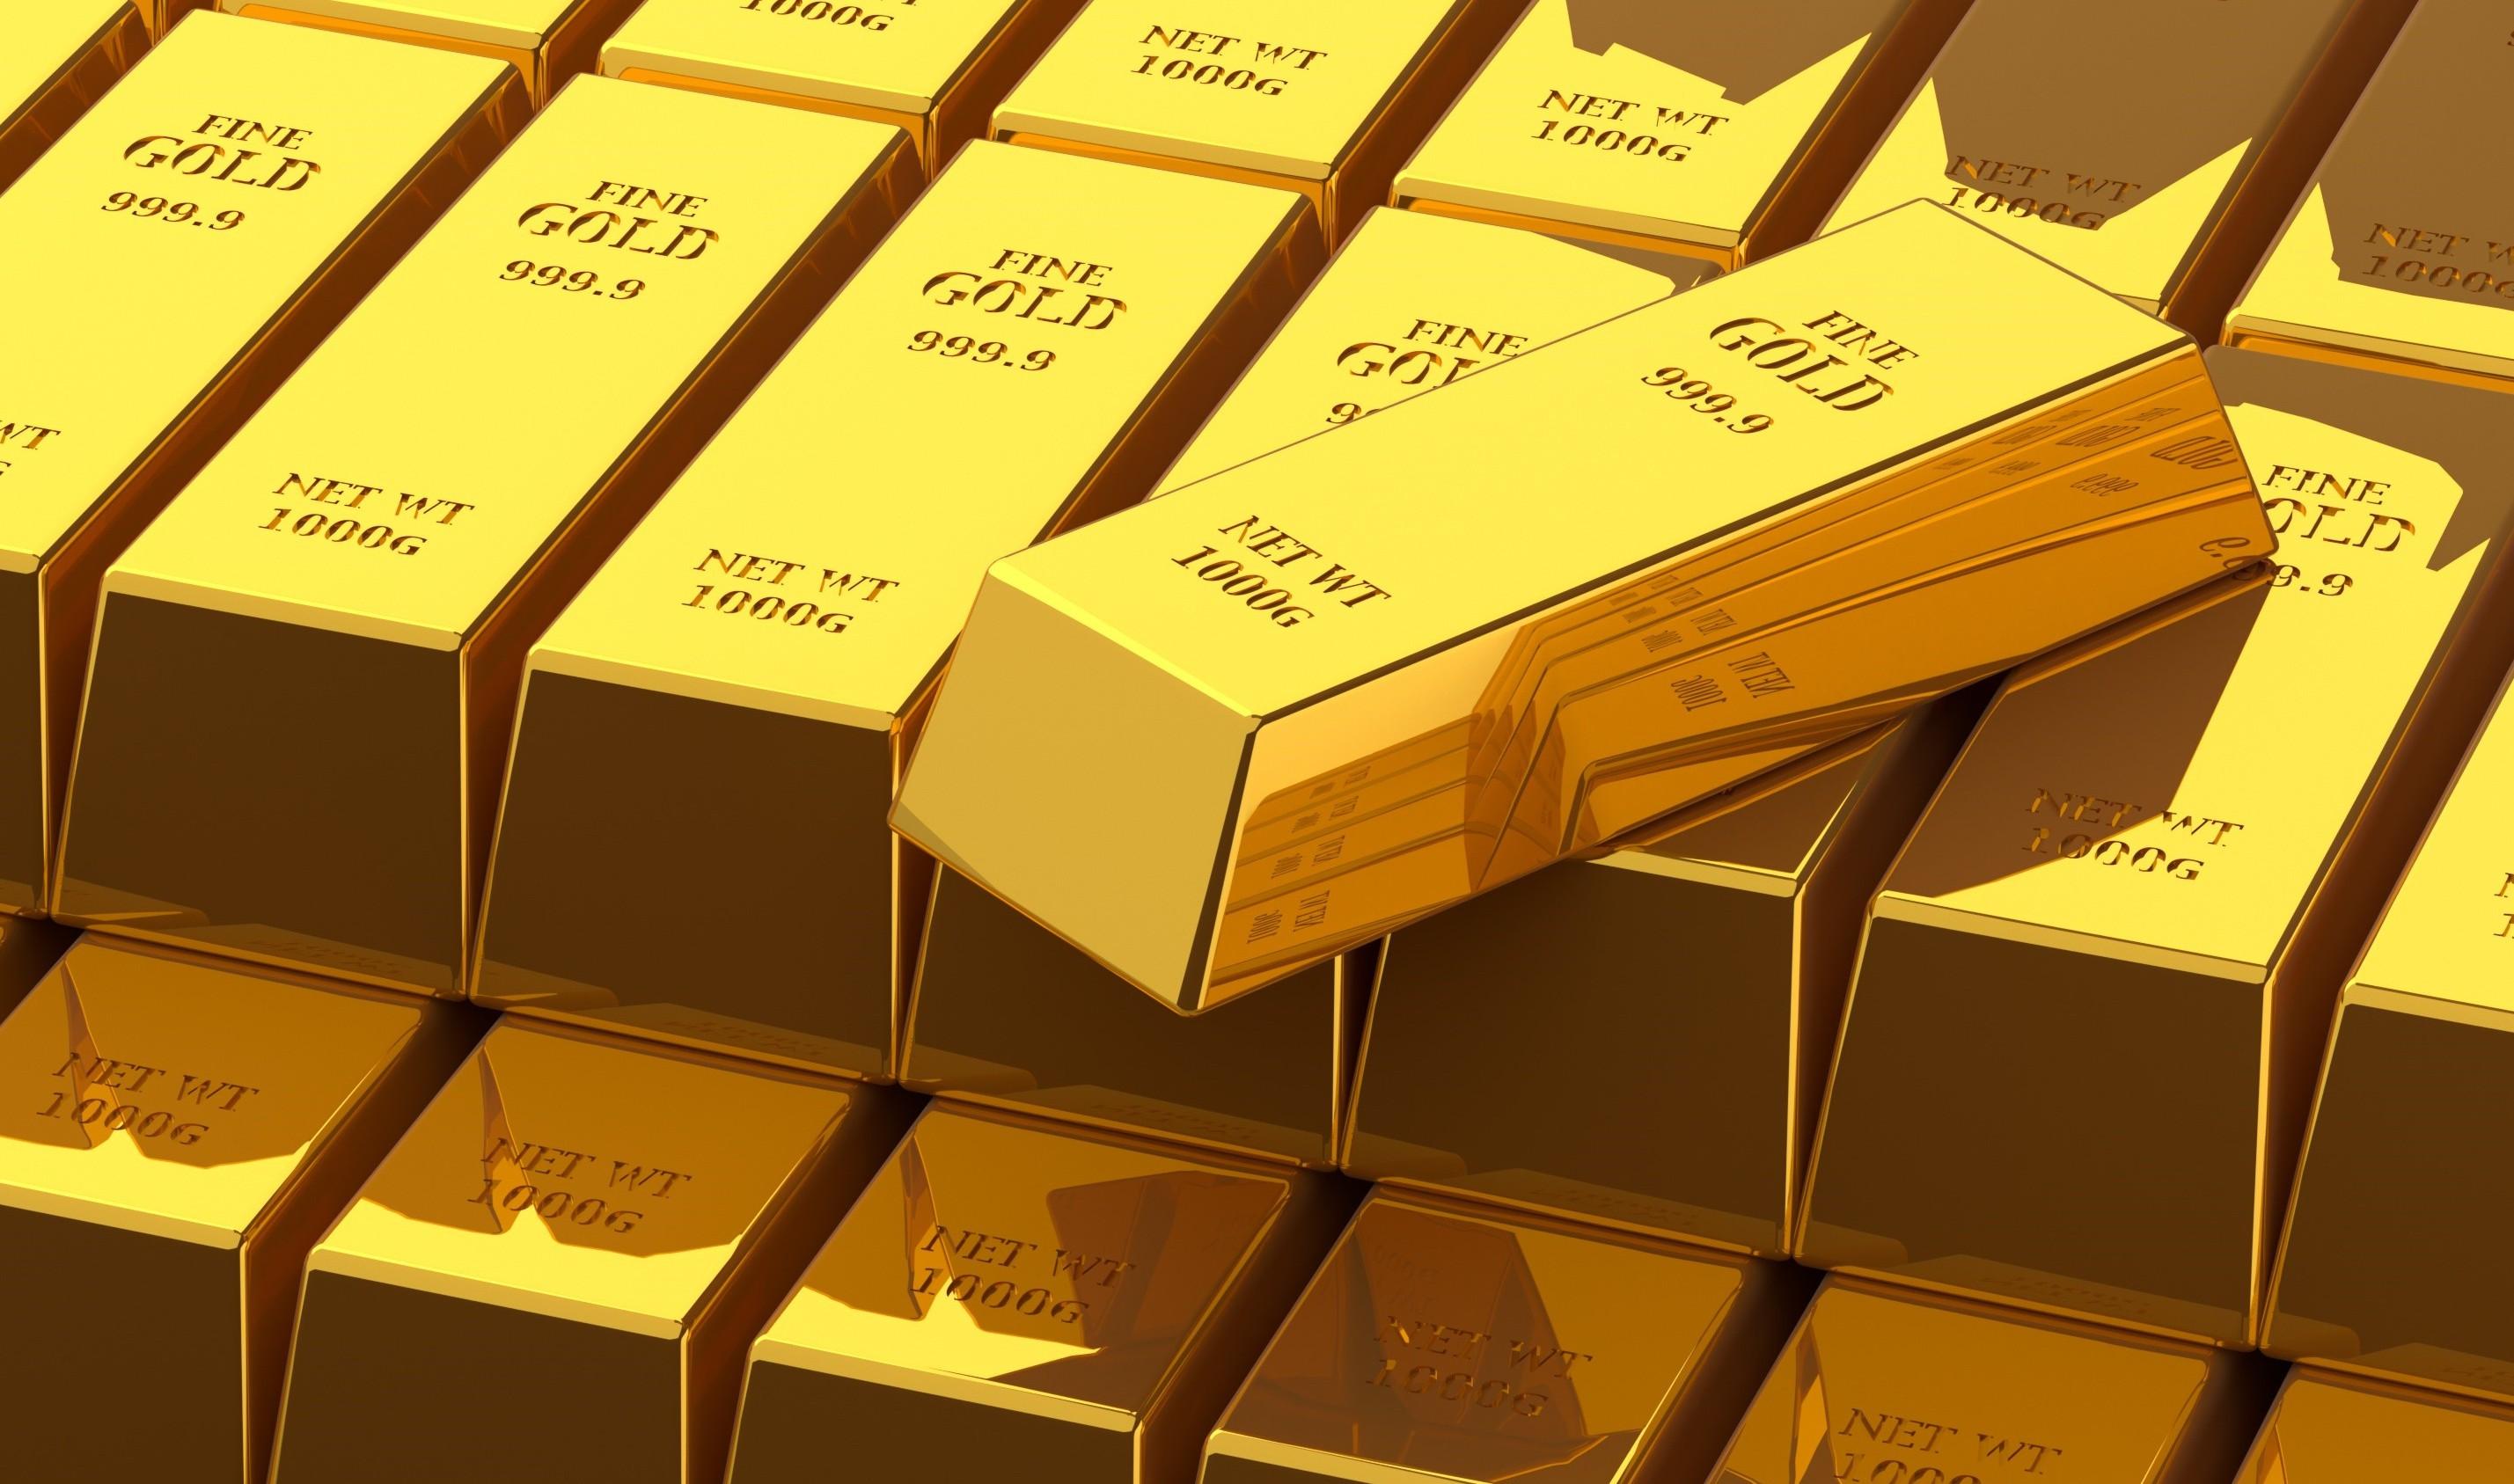 德国从美国运回300吨黄金,13国也先后宣布行动,中国的600吨呢?_德国新闻_德国中文网